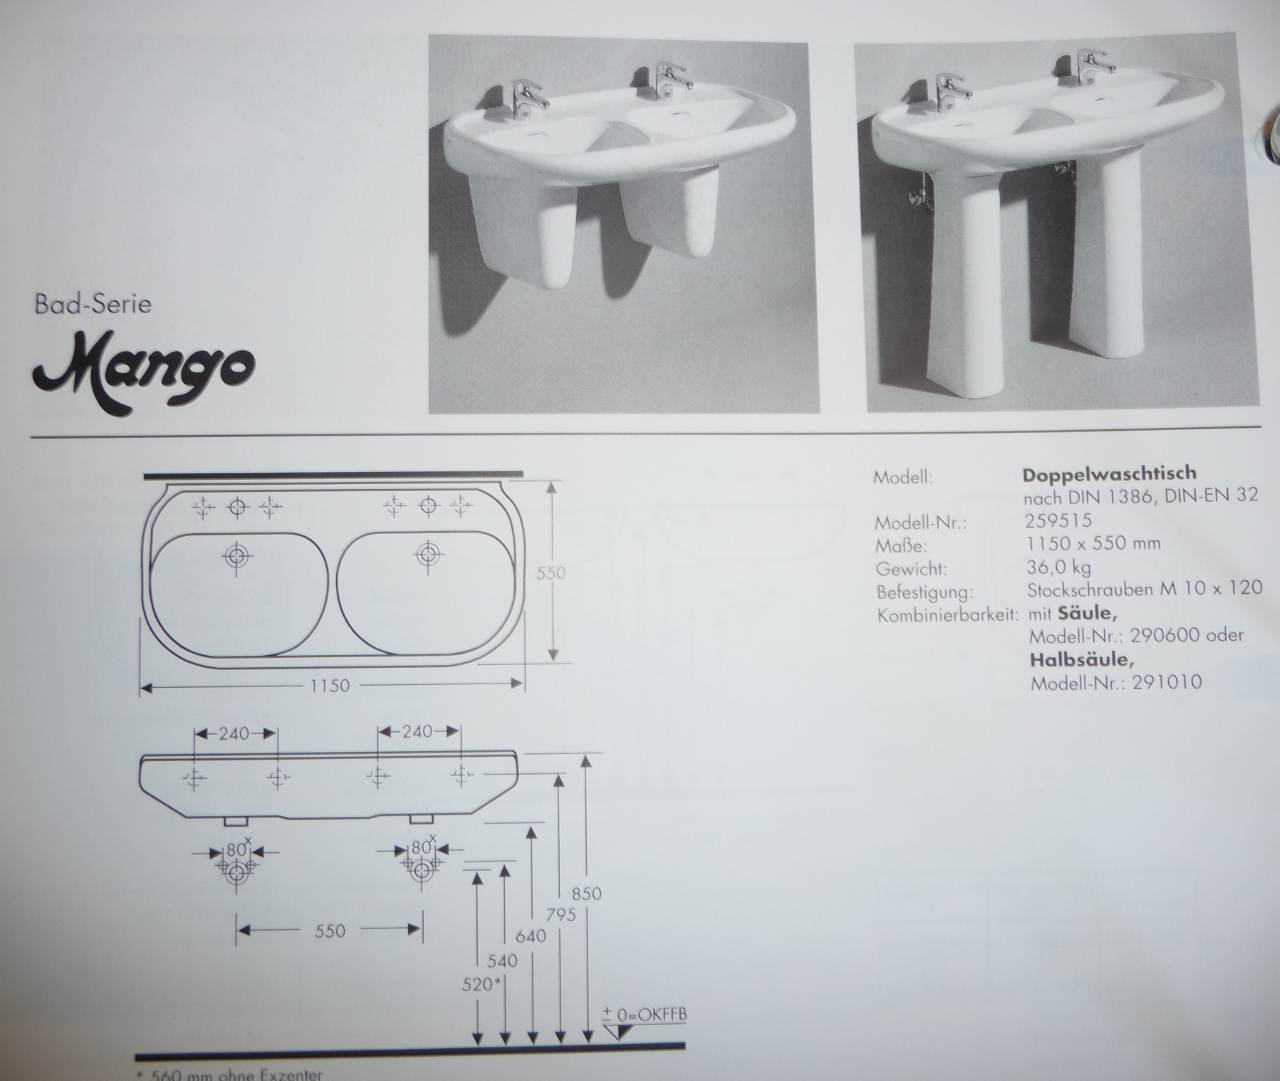 bahamabeige Doppel-Waschtisch 115x55 cm Keramag Mango 259515 Bild 3 Maße